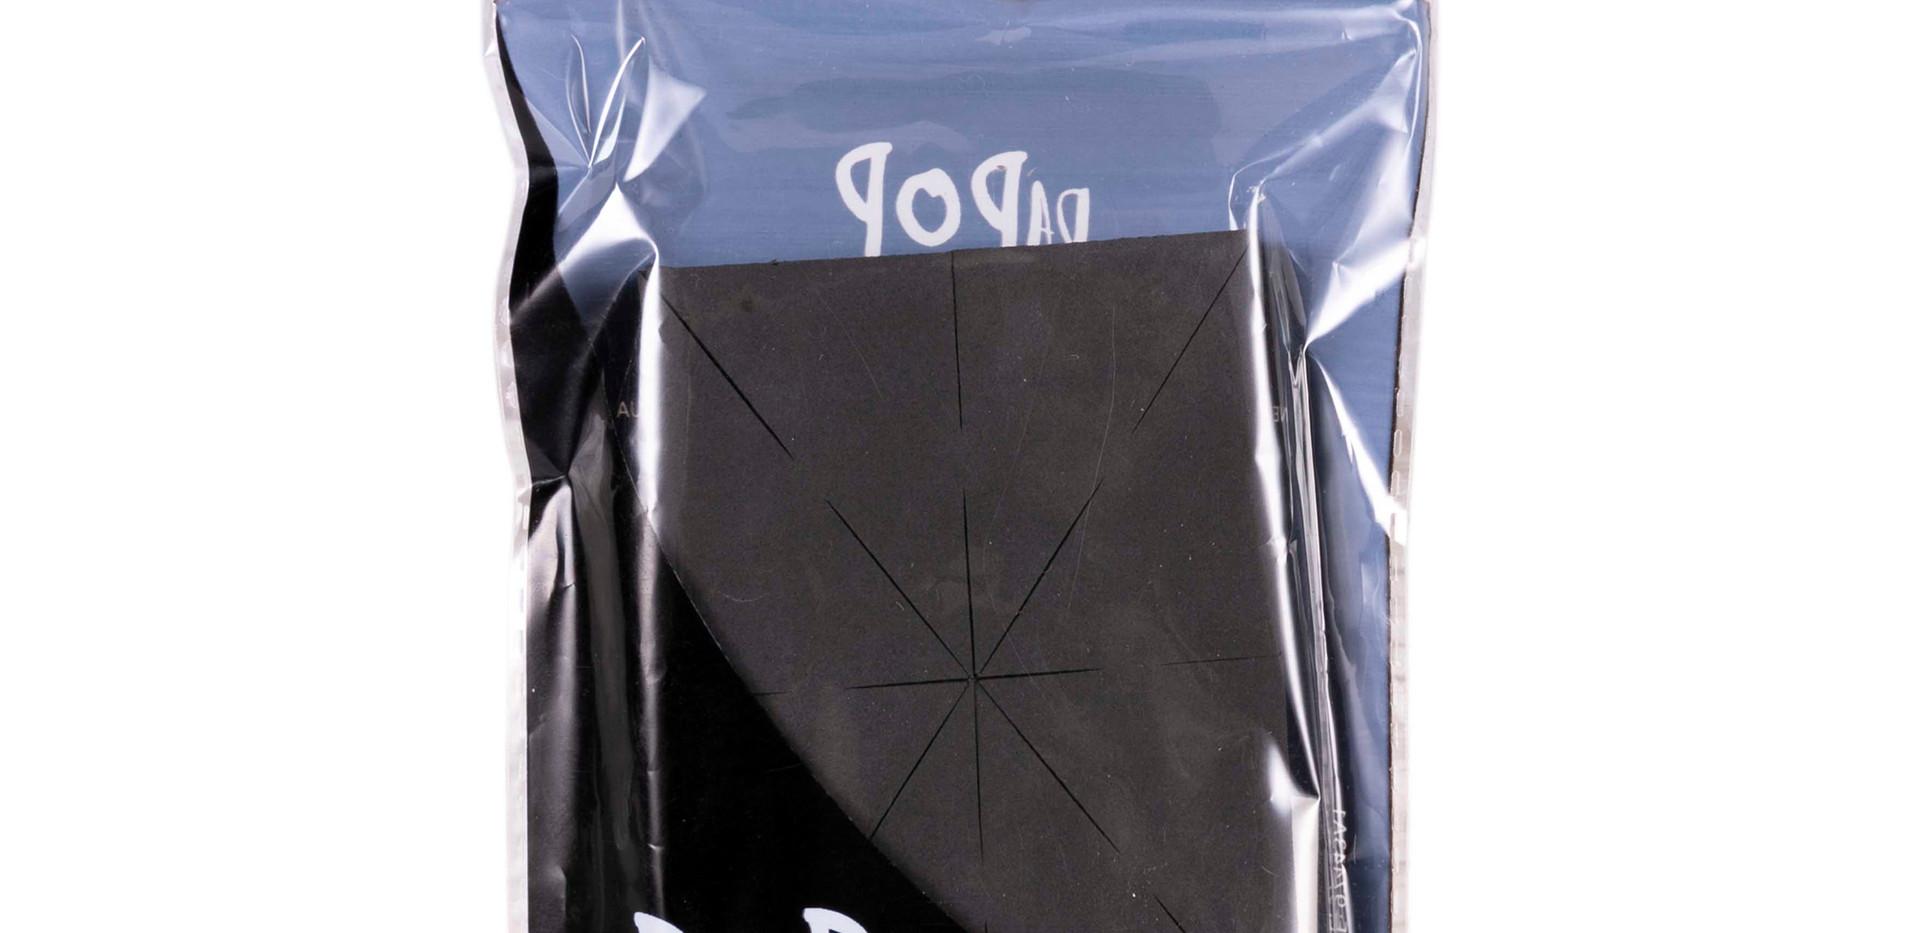 Kit de Esponjas Dapop - HB97443 (3)